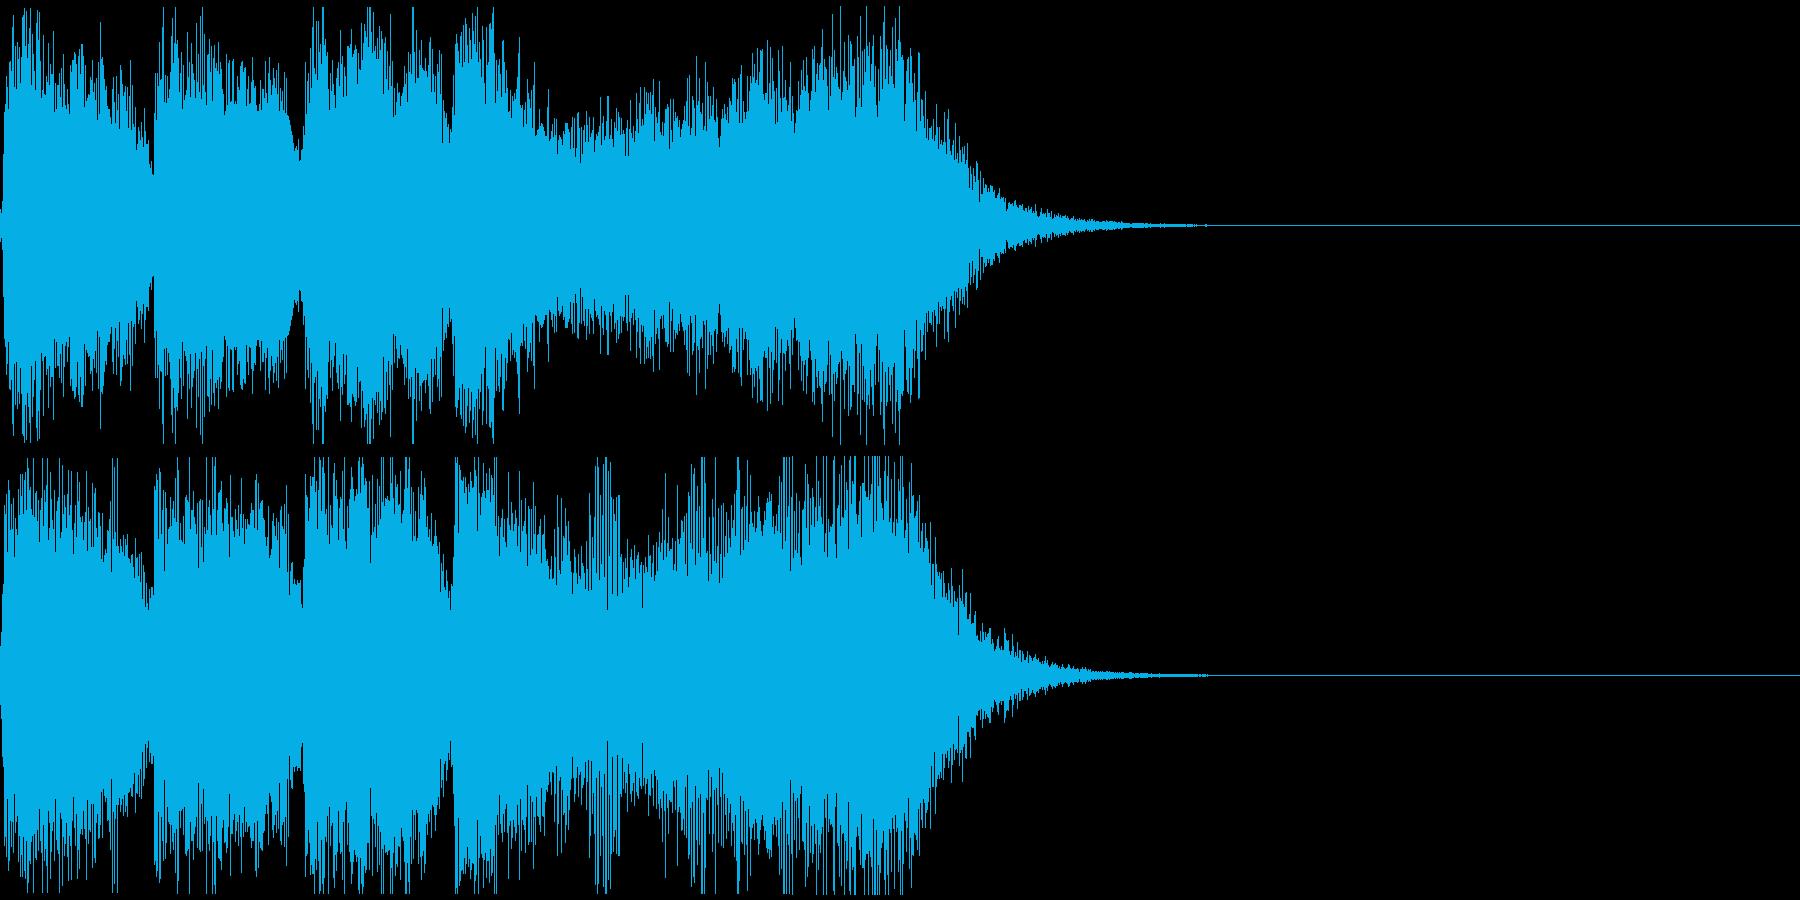 巨大怪獣/戦艦登場シーンの超重厚な曲4の再生済みの波形